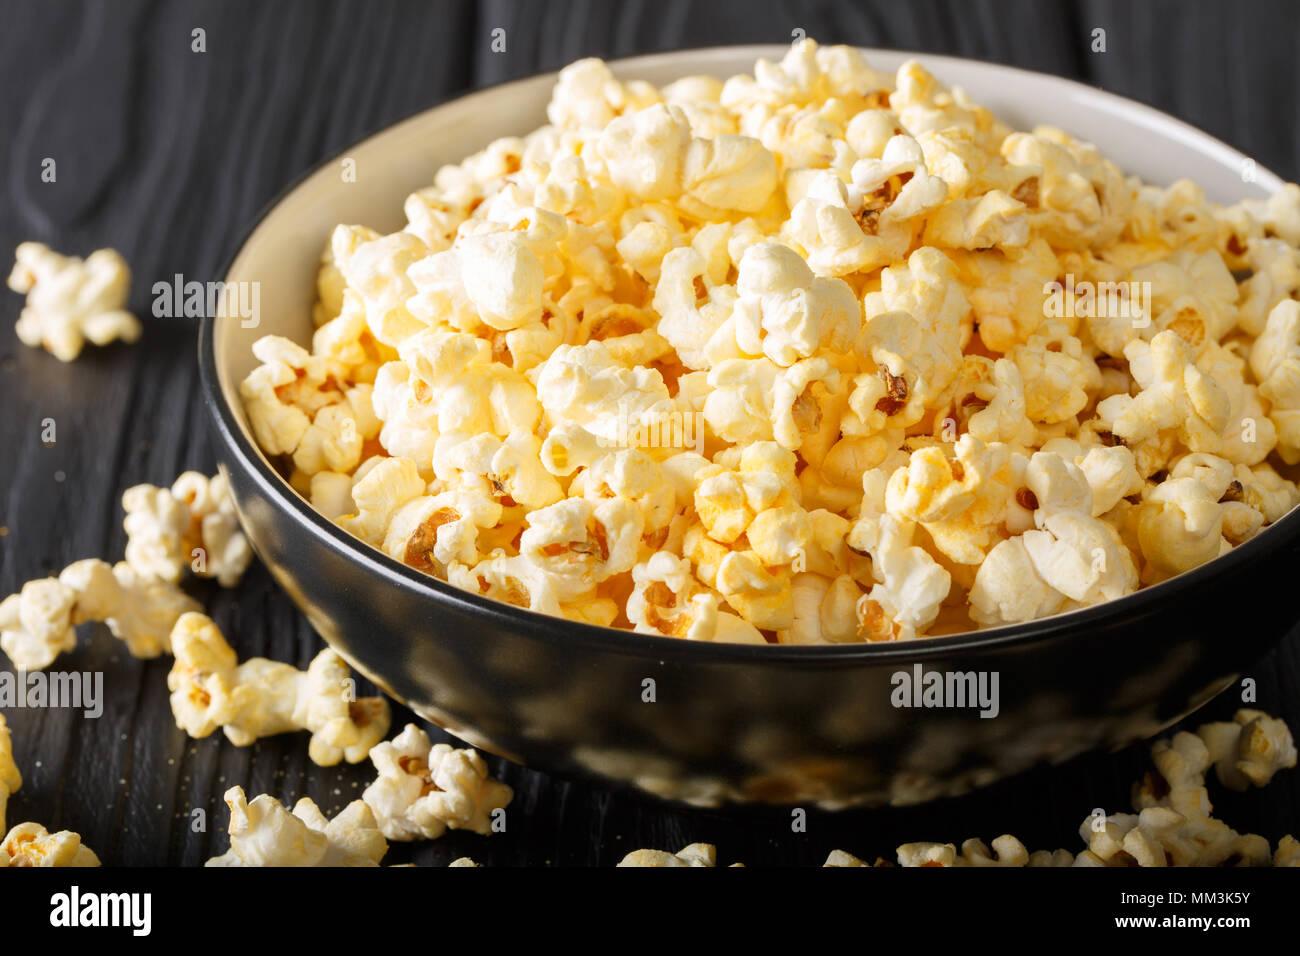 Snack populaire: popcorn salé avec le fromage cheddar et le parmesan dans un bol sur la table horizontale. Photo Stock